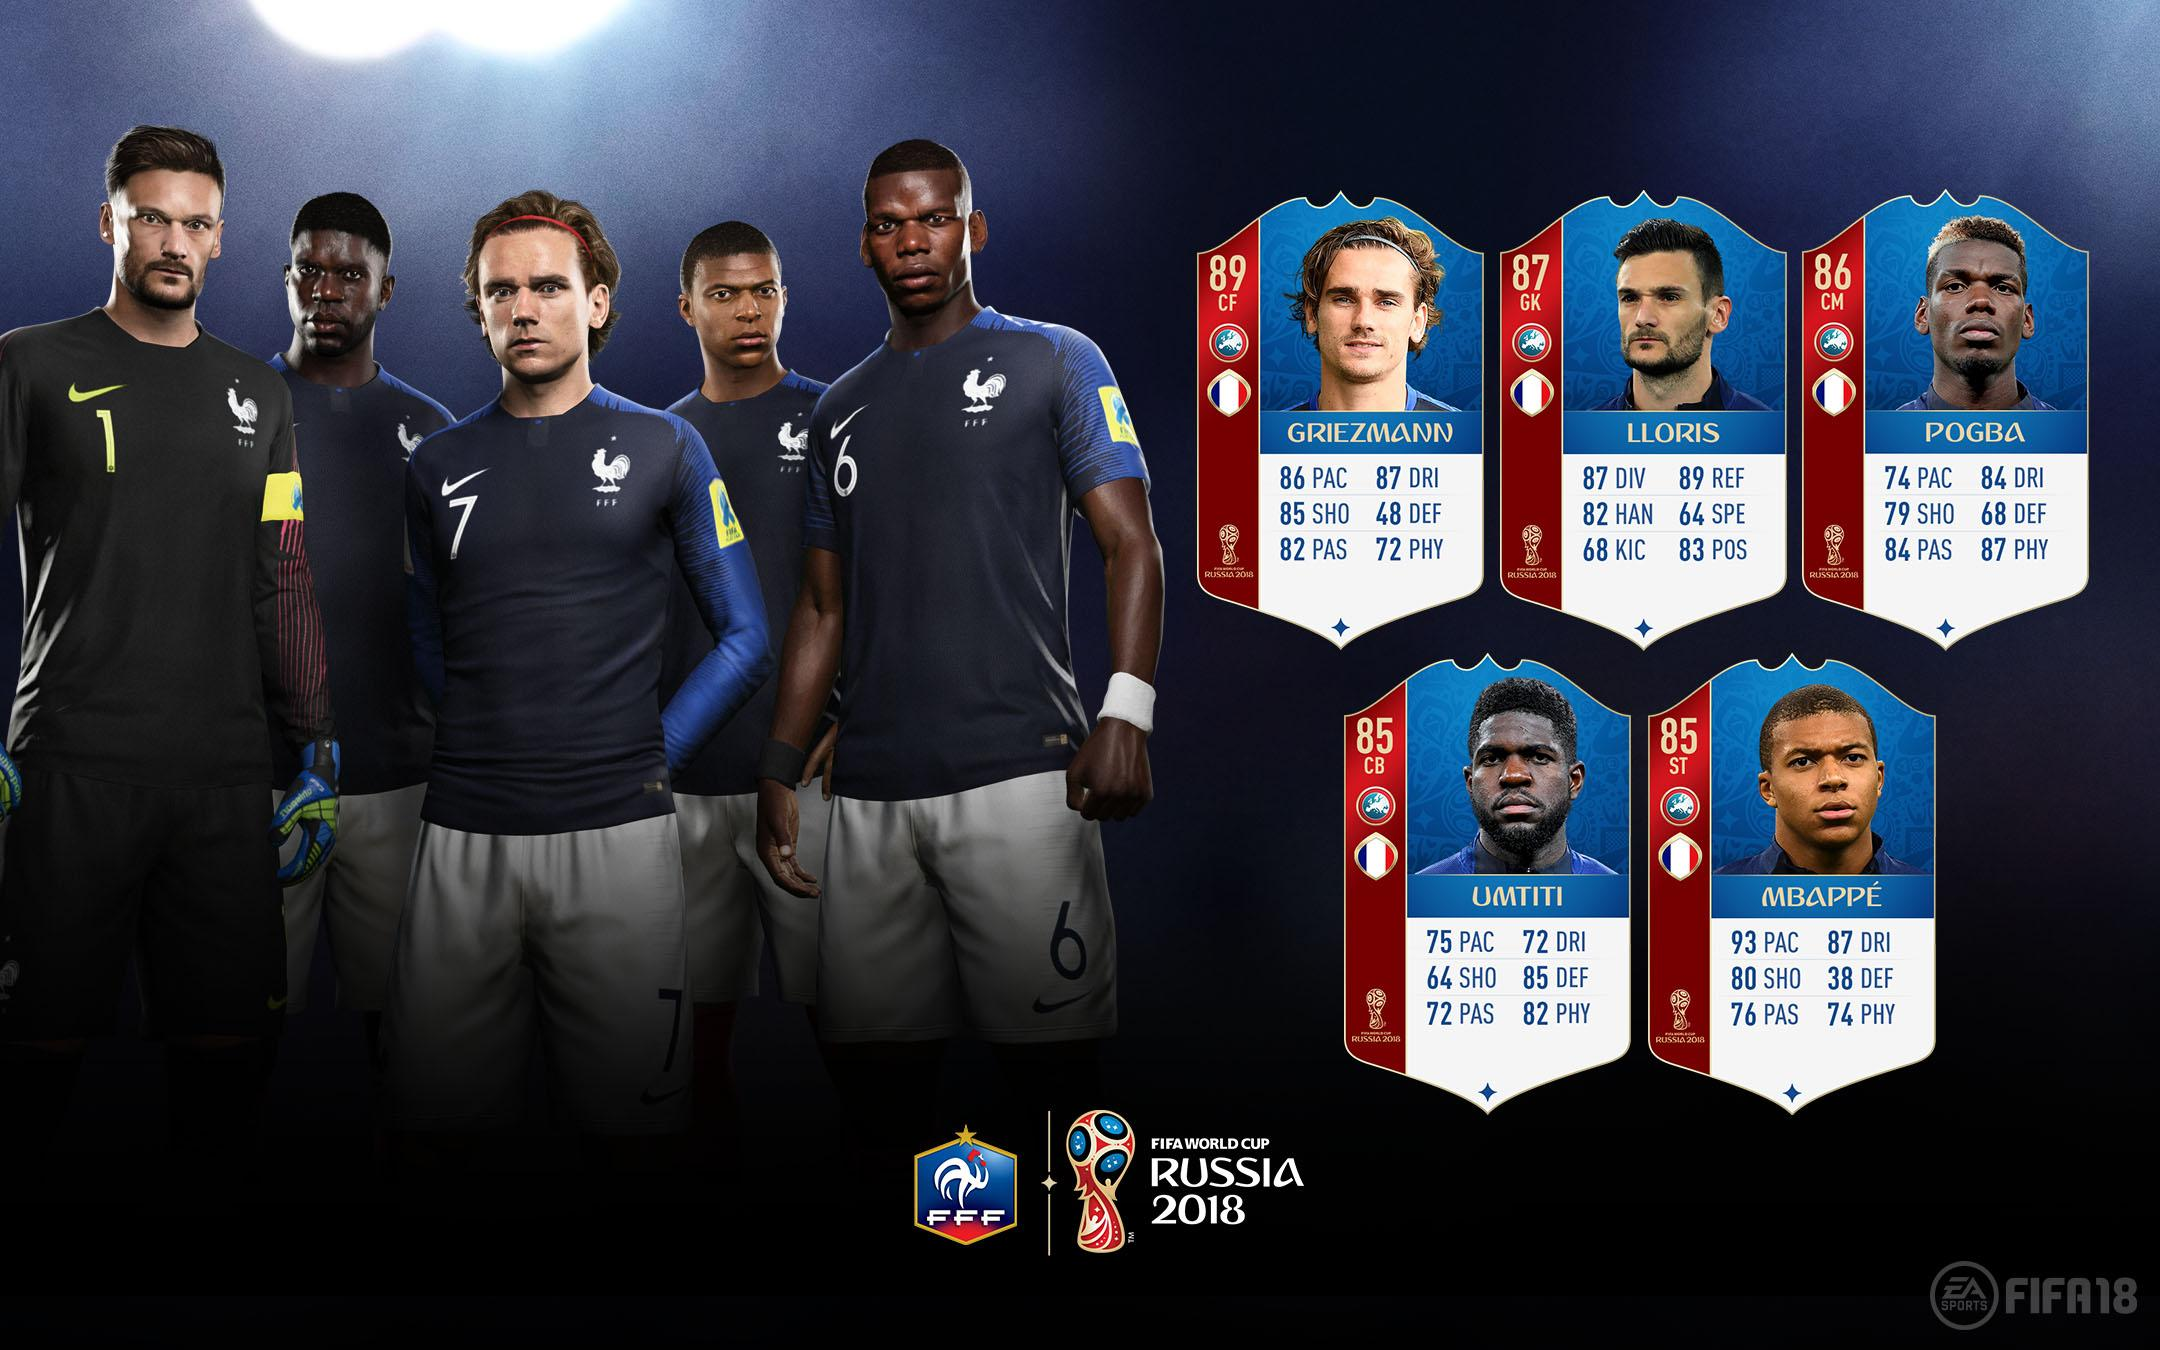 Pogba's latest card has taken a hit